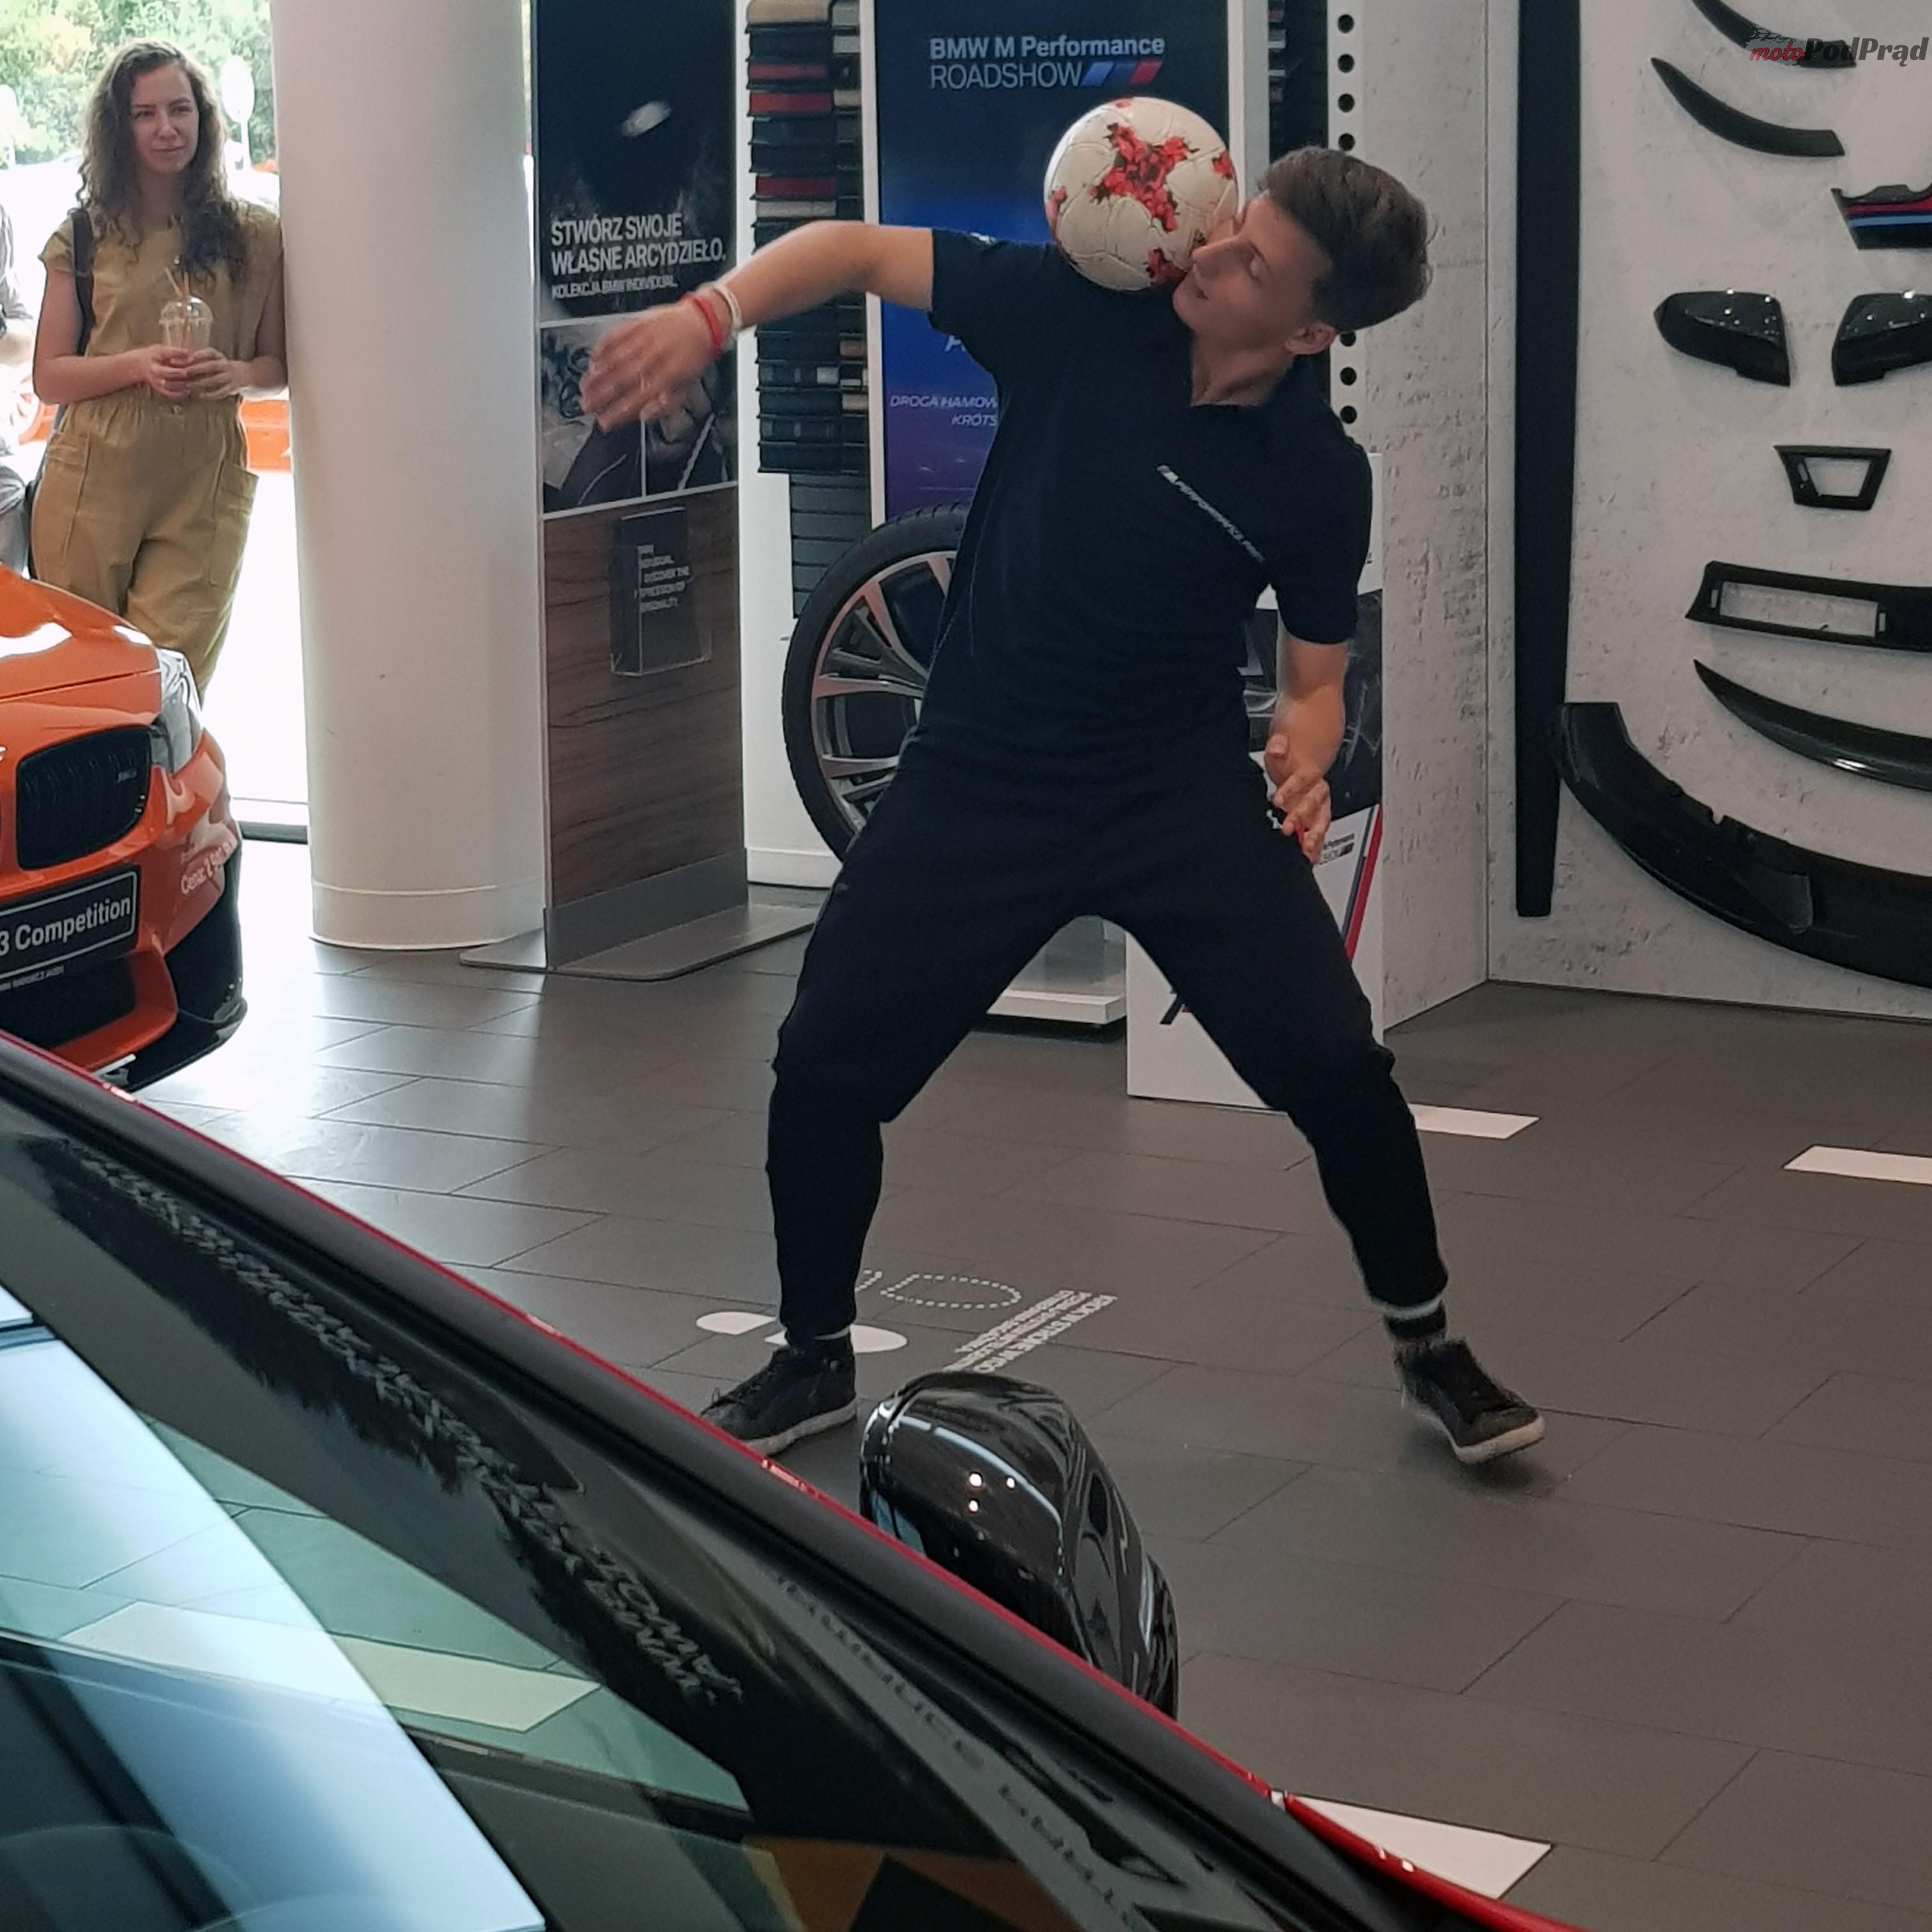 1 Otwarcie M Performance Roadshow w BMW Inchcape Wrocław